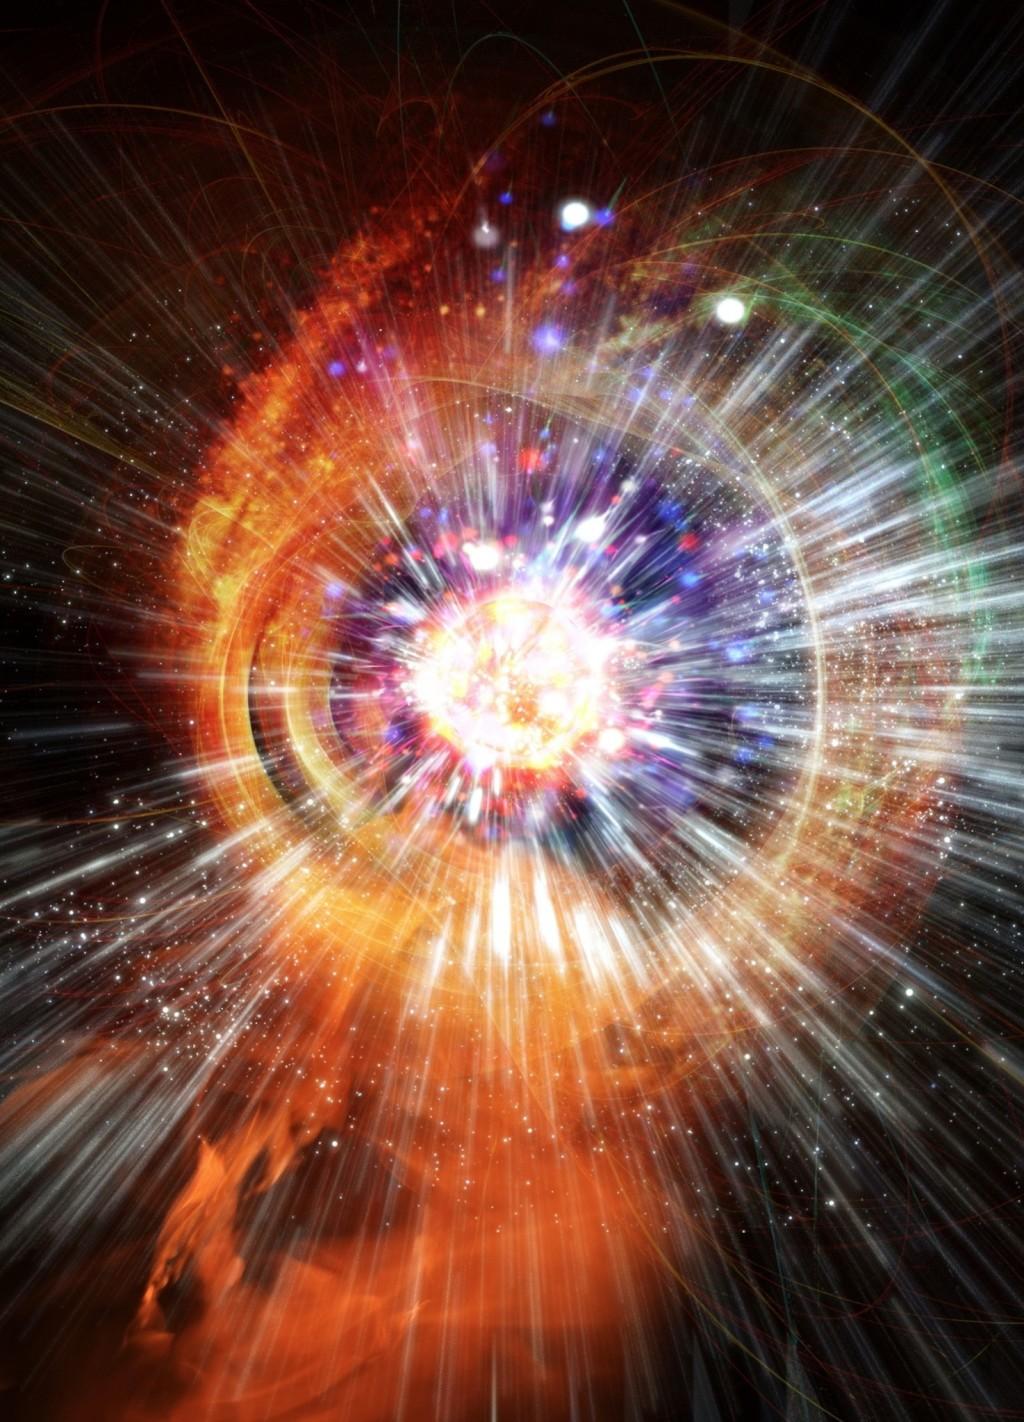 L'Universo esiste? Il CERN cerca la prova nell'antimateria - Tom's Hardware